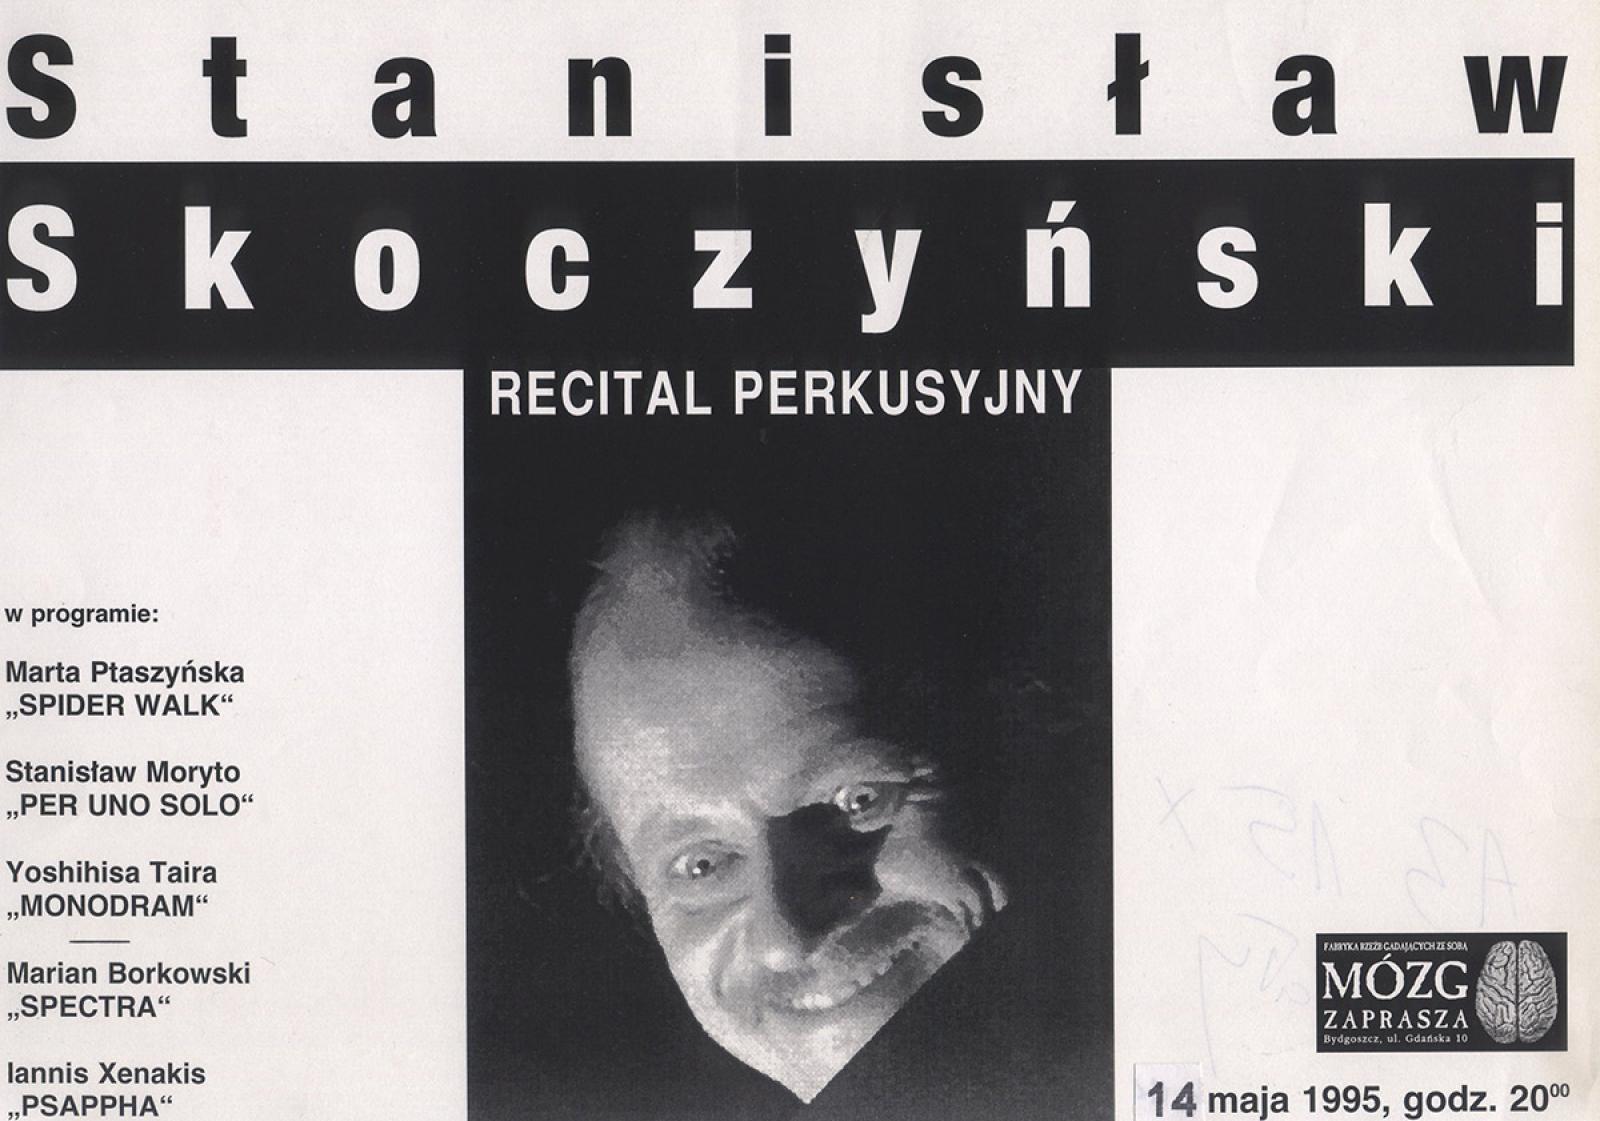 Stanisław Skoczyński – recital perkusyjny